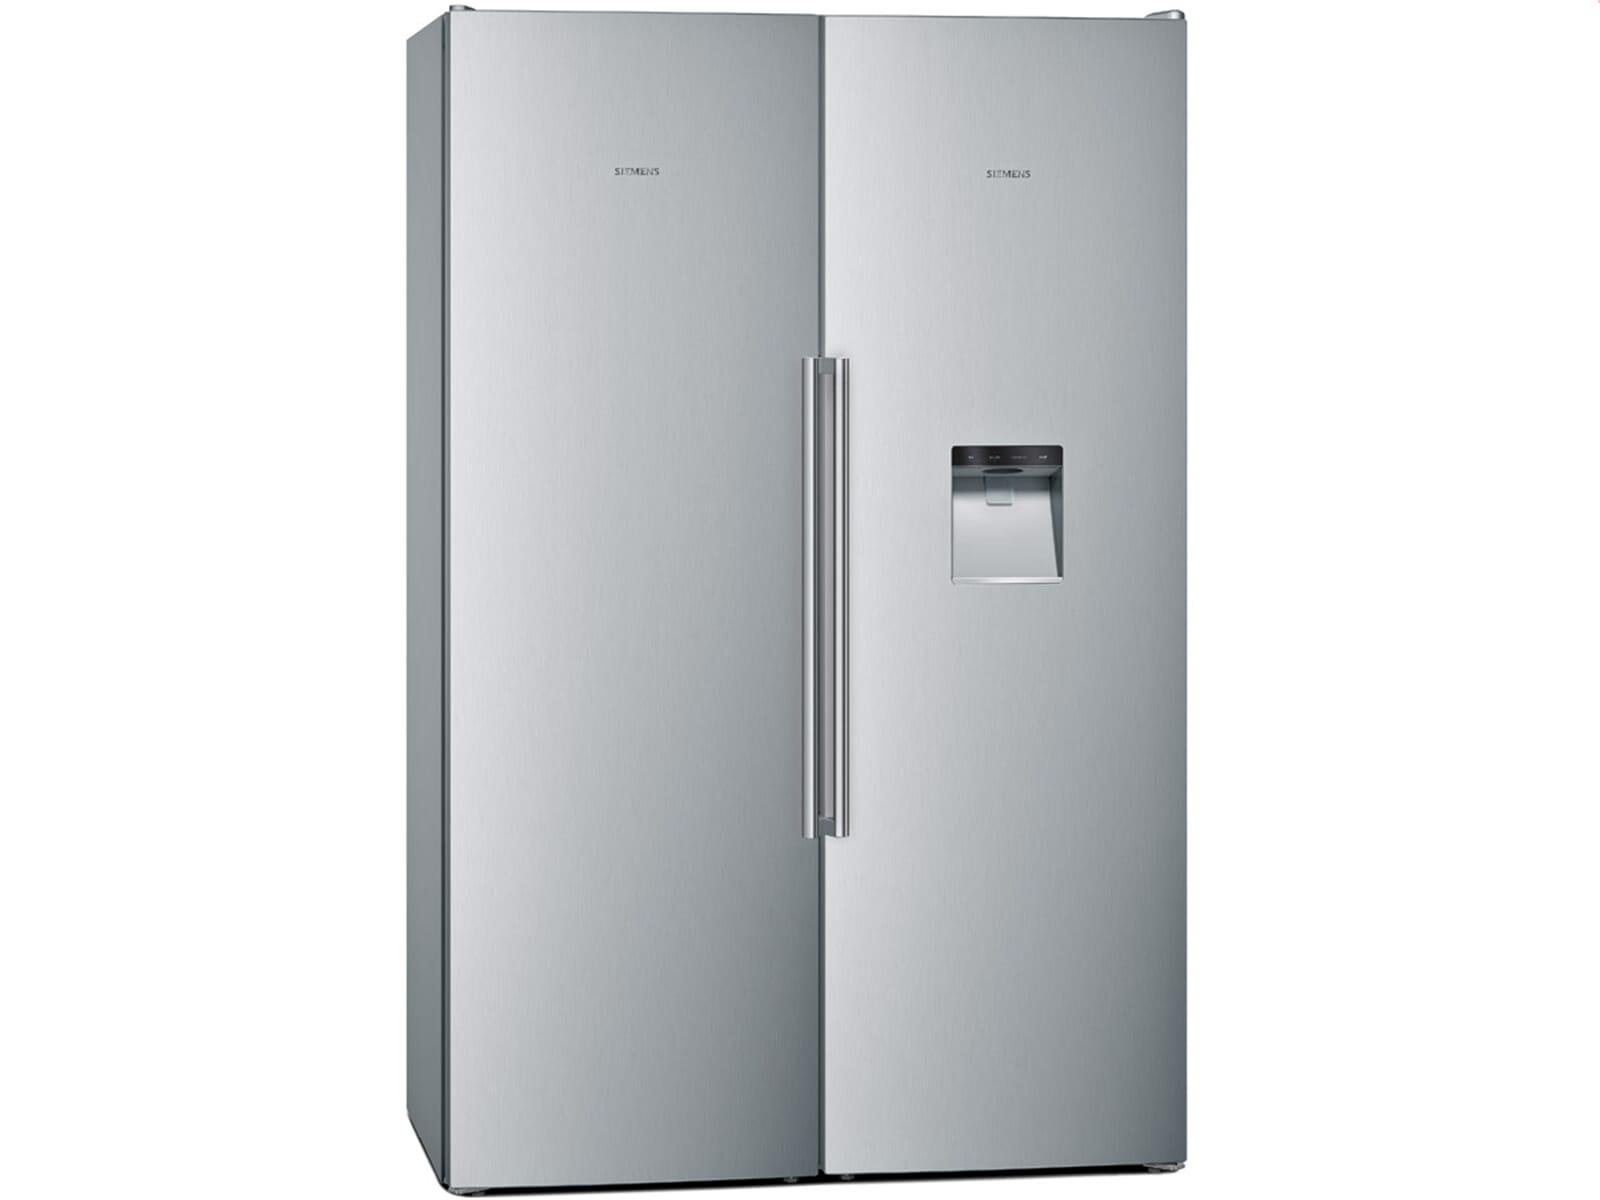 Smeg Kühlschrank Eiswürfel : Edelstahl kühlschrank mit eiswürfelbereiter smeg sbs ned side